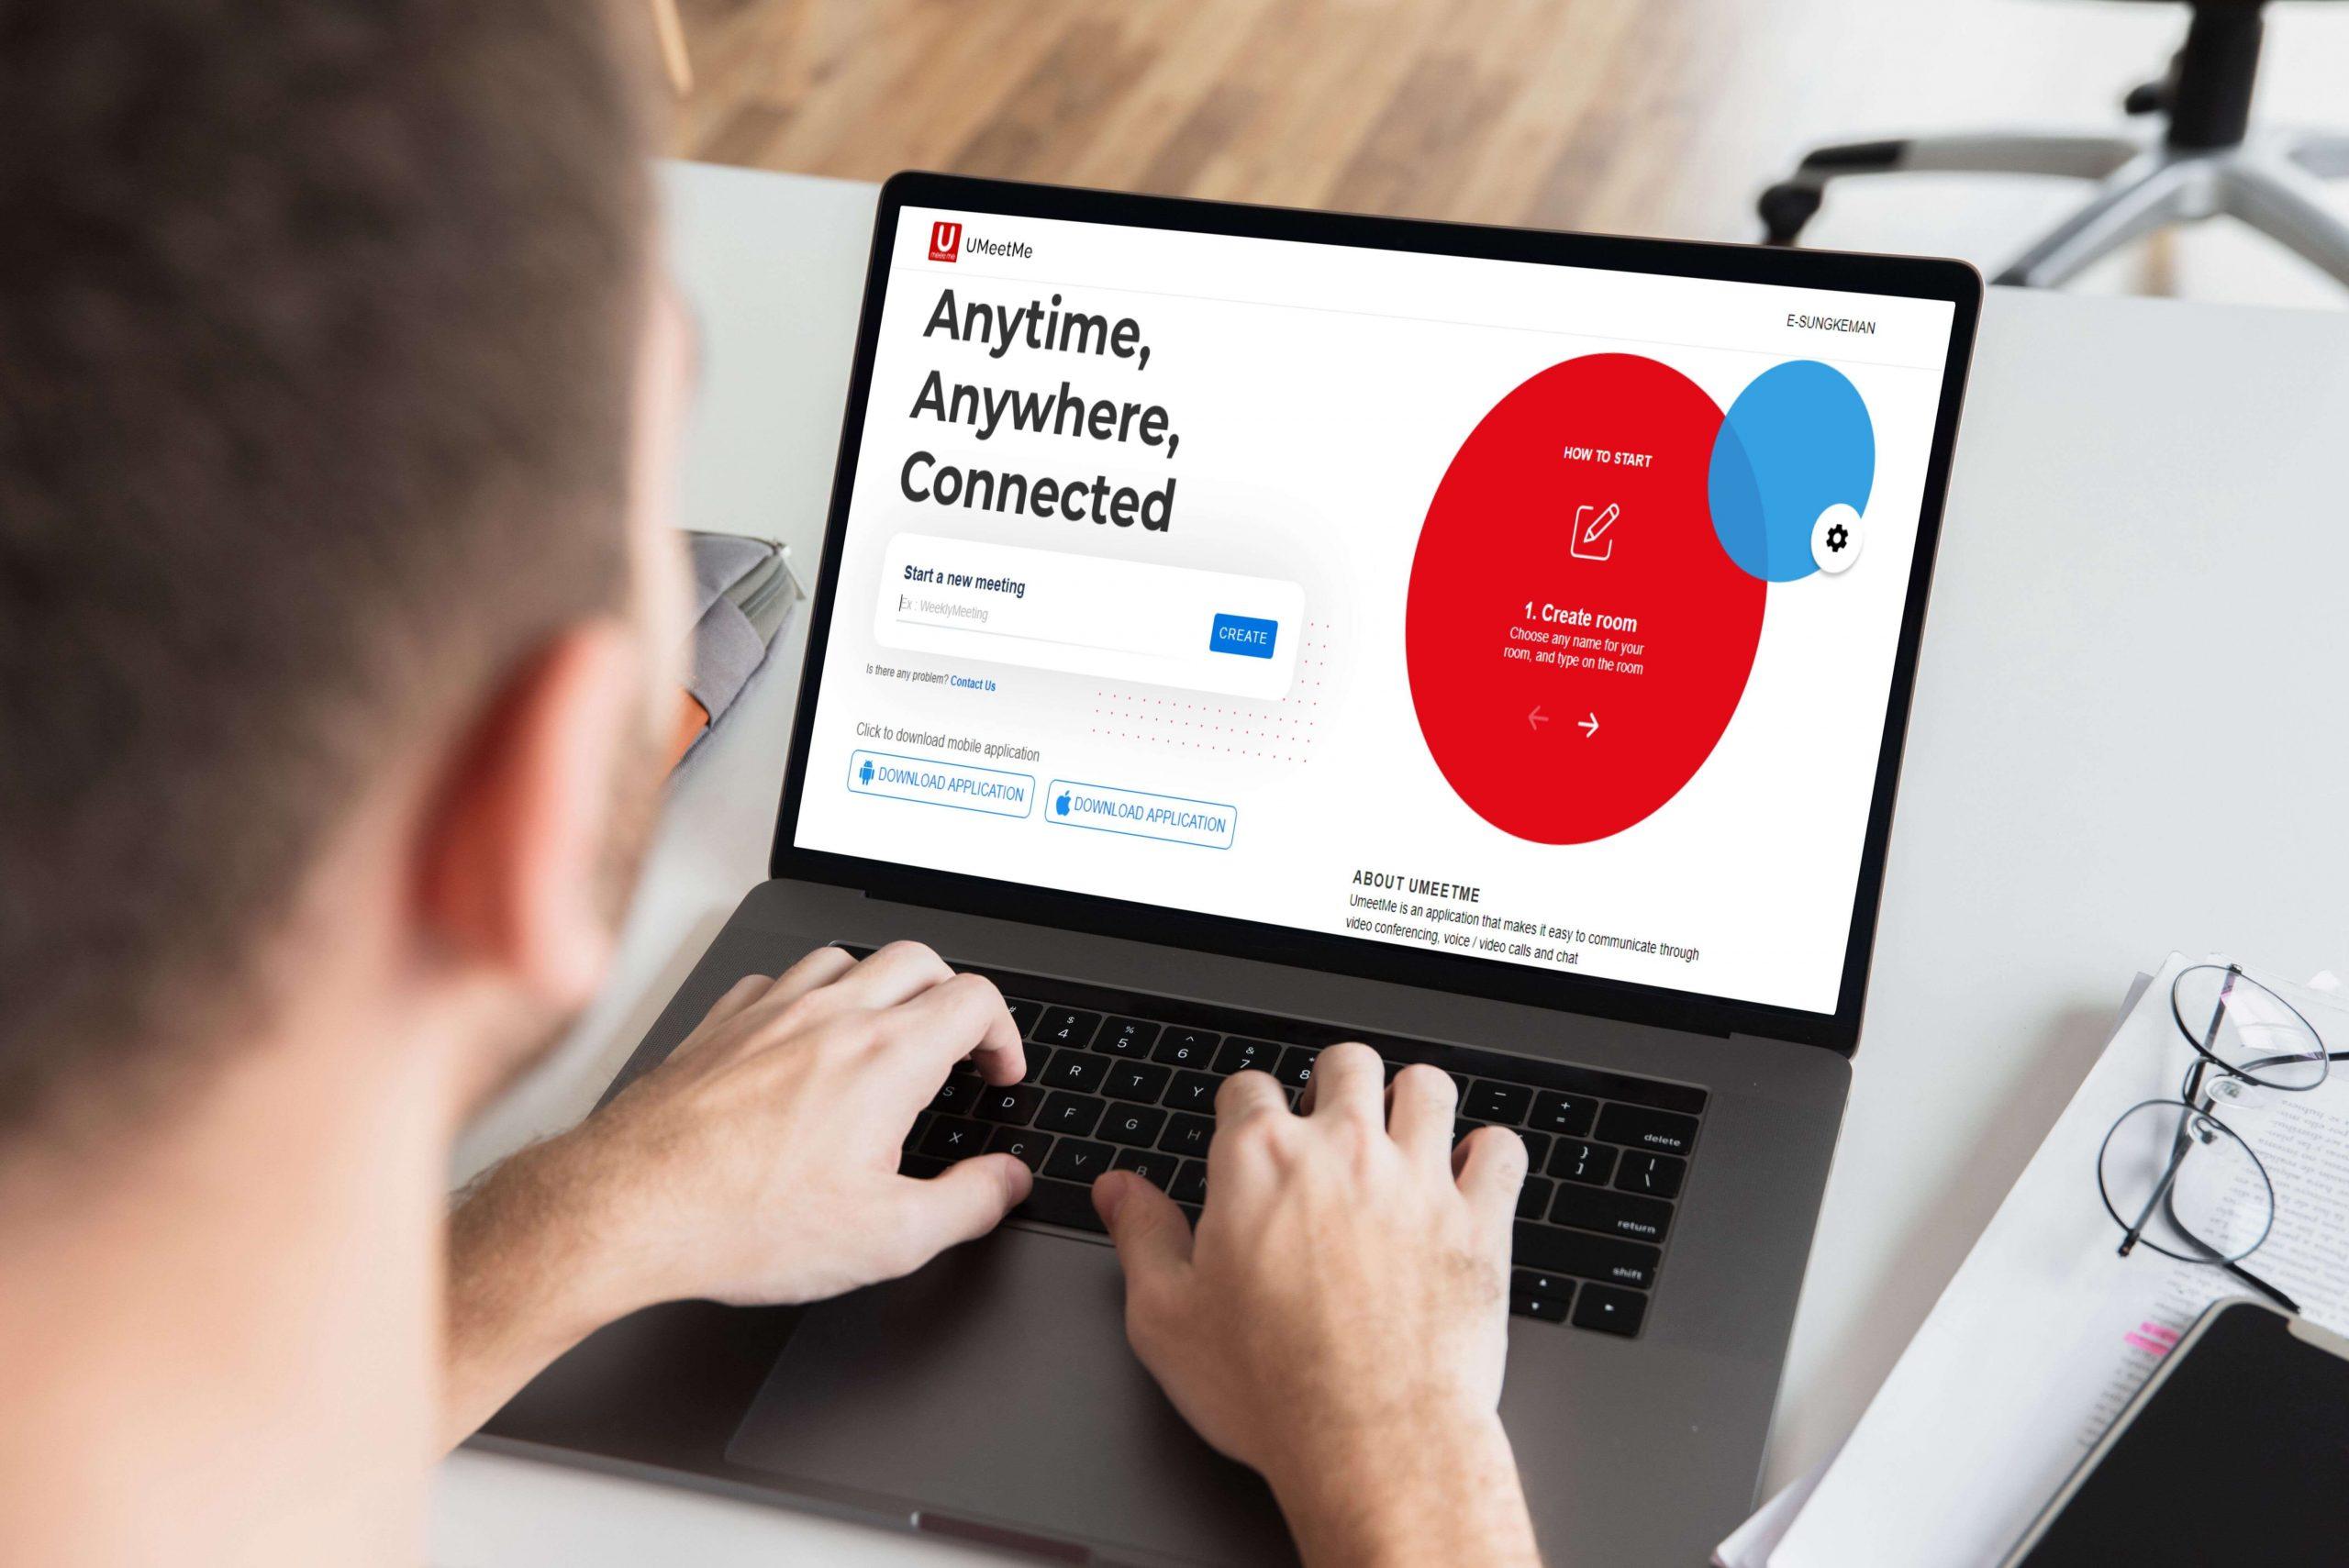 Bisnis Digital TelkomGroup Tumbuh Pesat Menjadi Penopang Pendapatan Perseroan Jangka Panjang